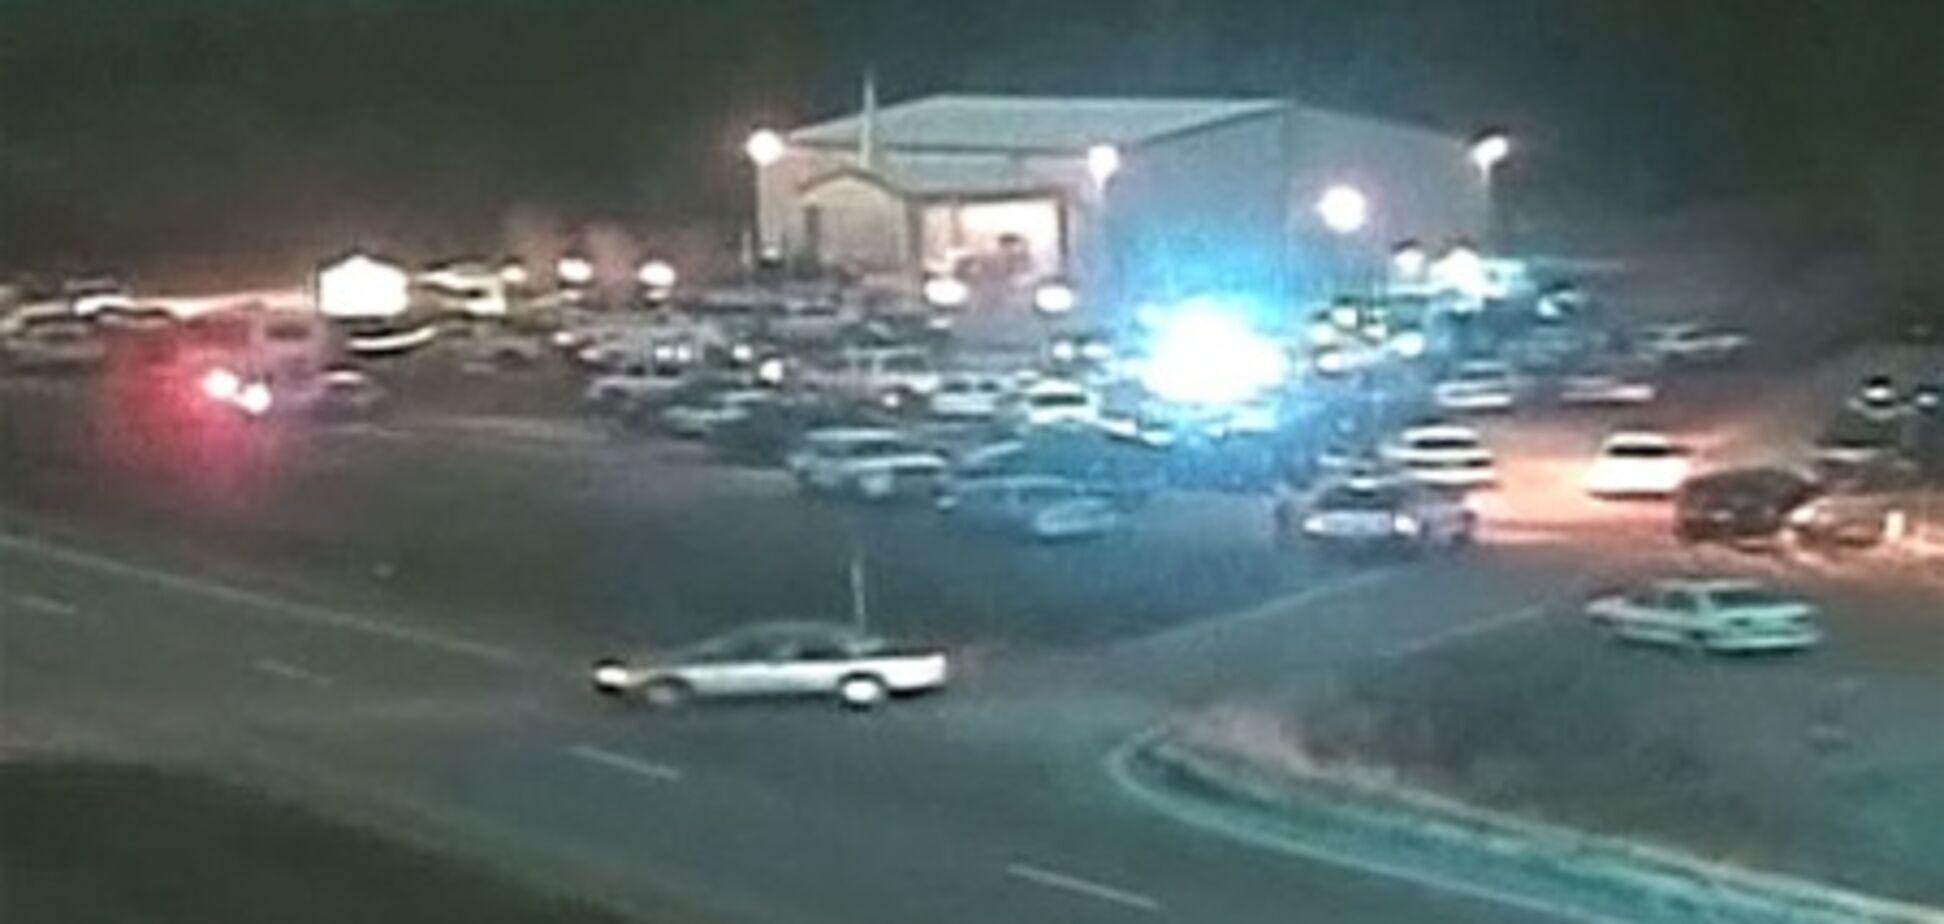 Американец с оружием напал на школьный автобус: водитель убит